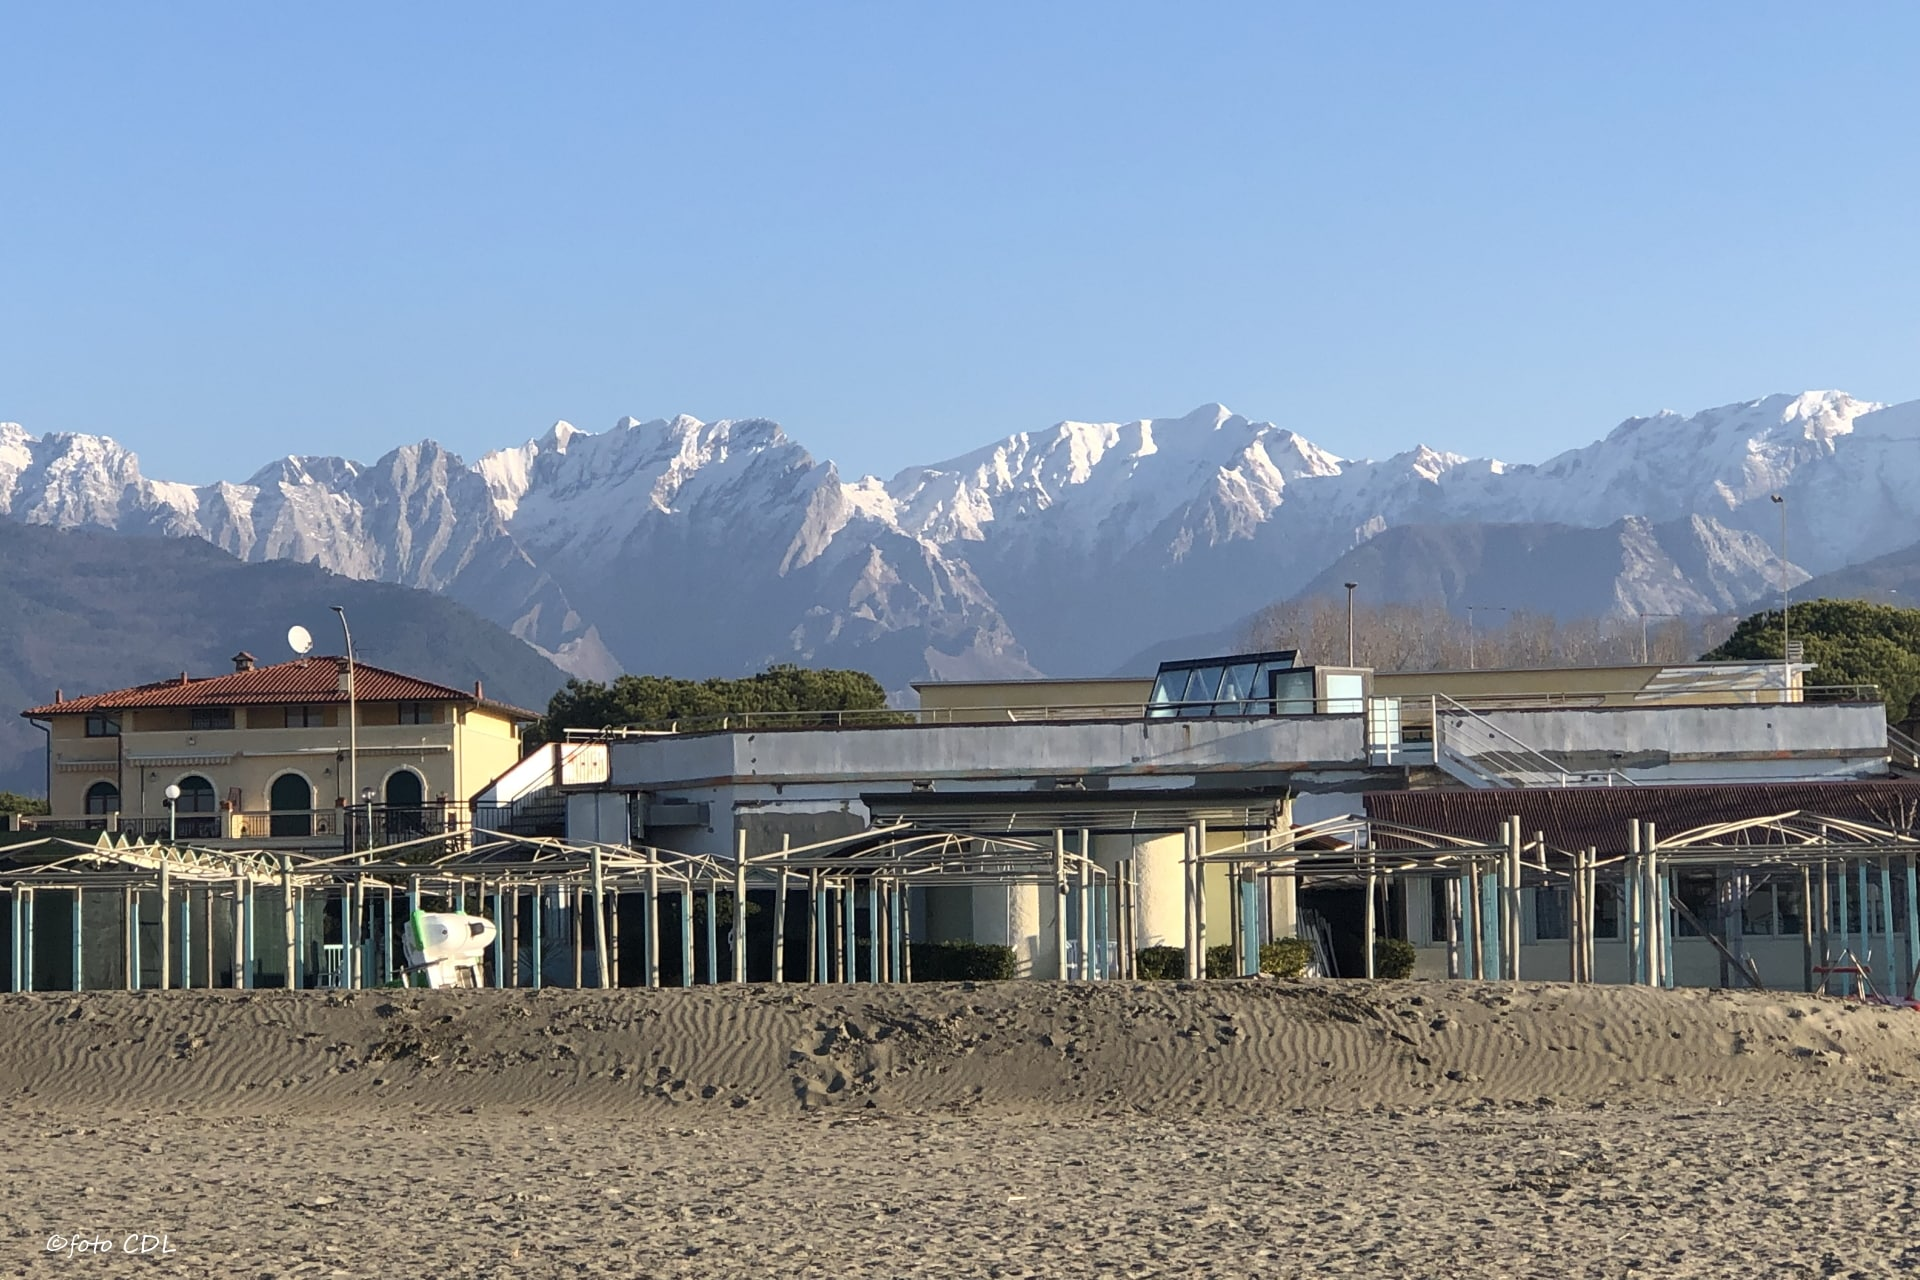 Marina di Massa: stabilimenti balneari e le Alpi Apuane innevate